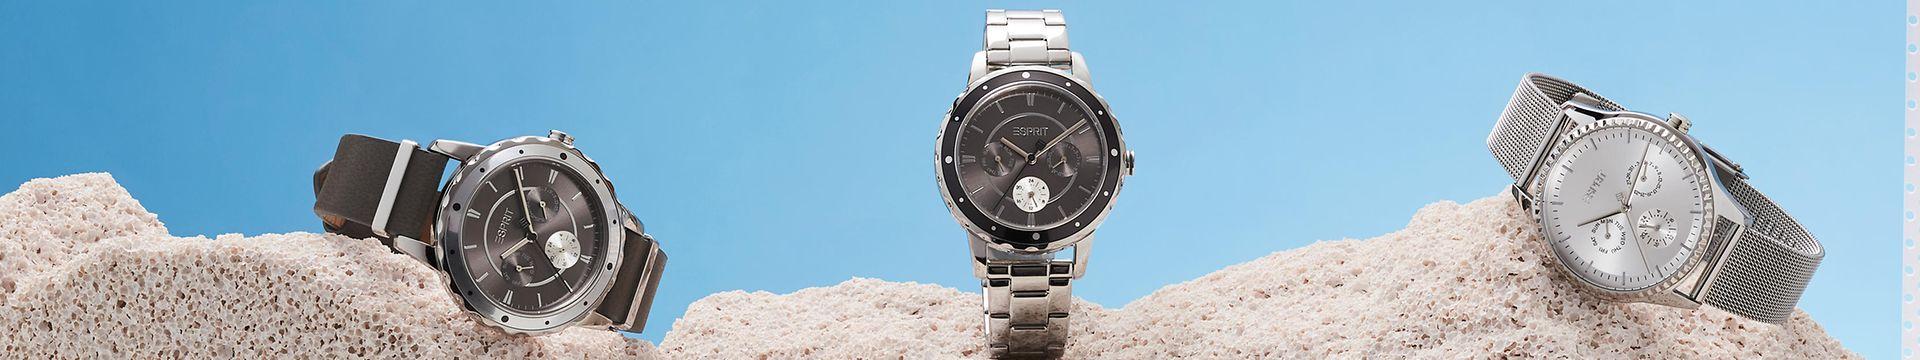 152021 - Women - Accessoires - Horloges - TC banner - IMG